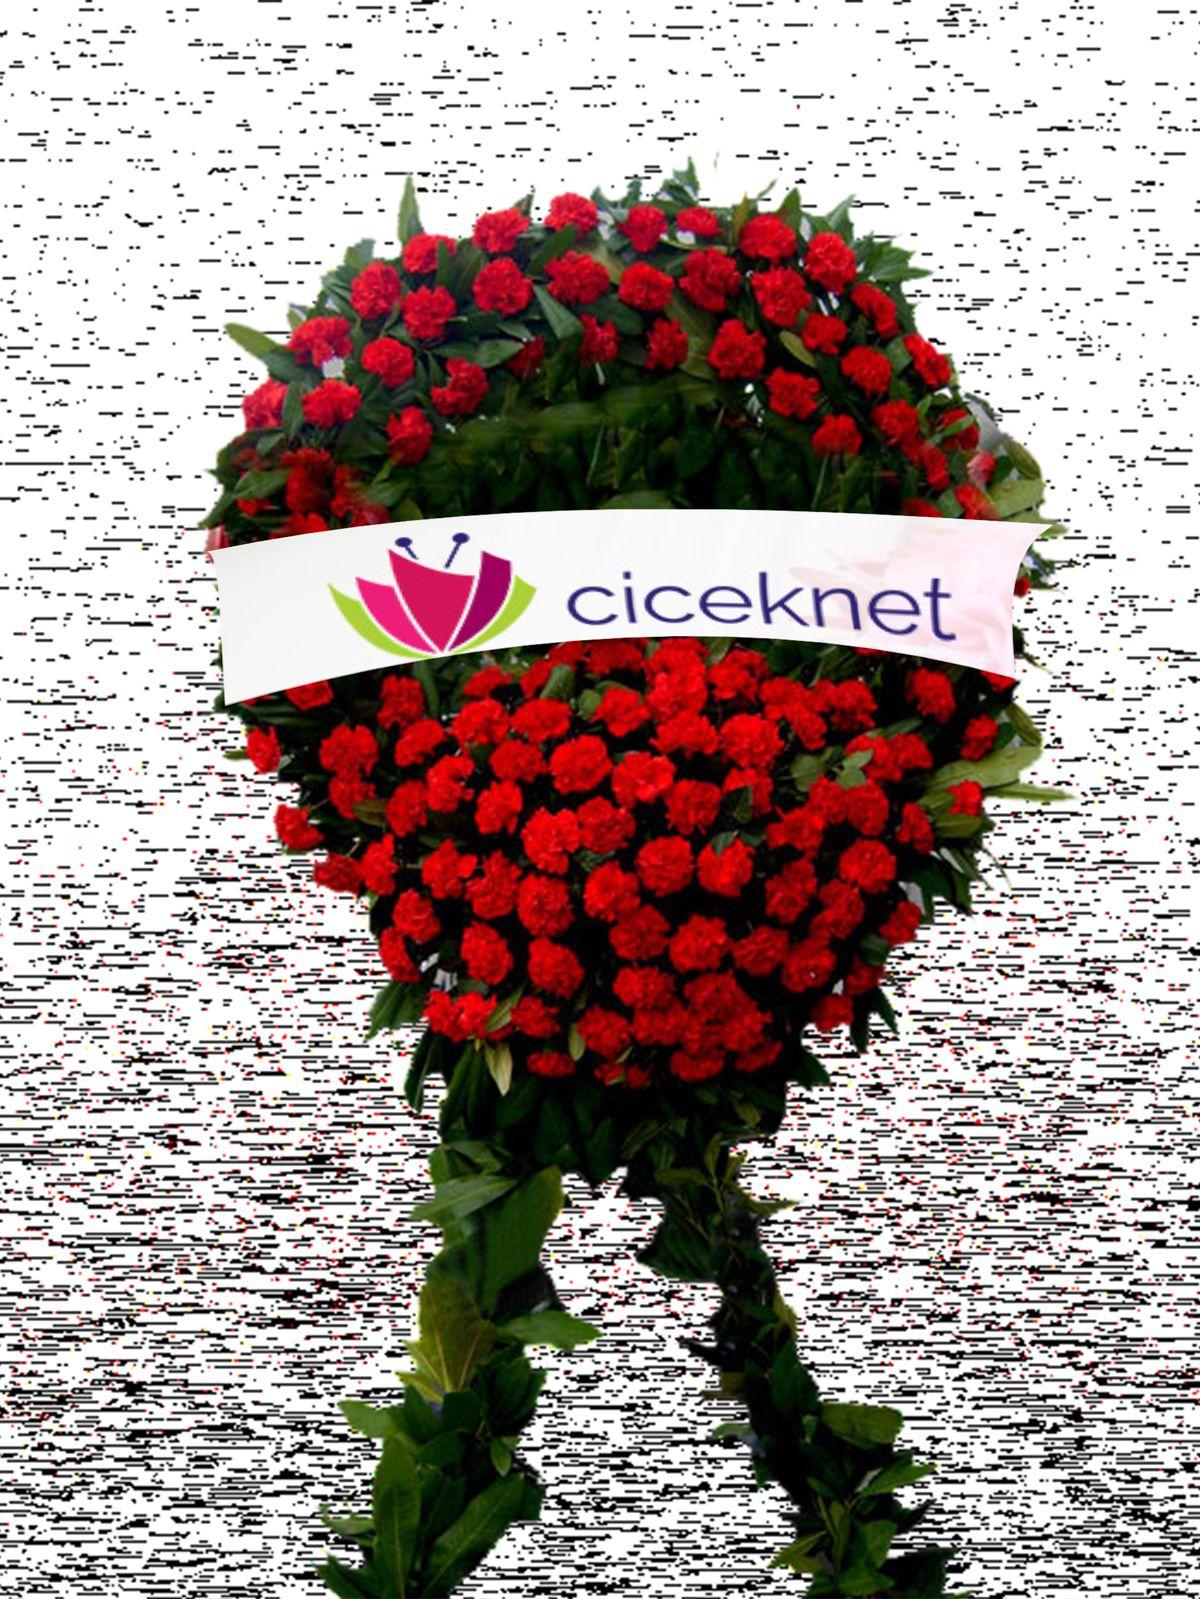 Acılı Gününüzde Yanınızdayız Cenaze Çelengi. Cenaze Çelengi çiçek gönder